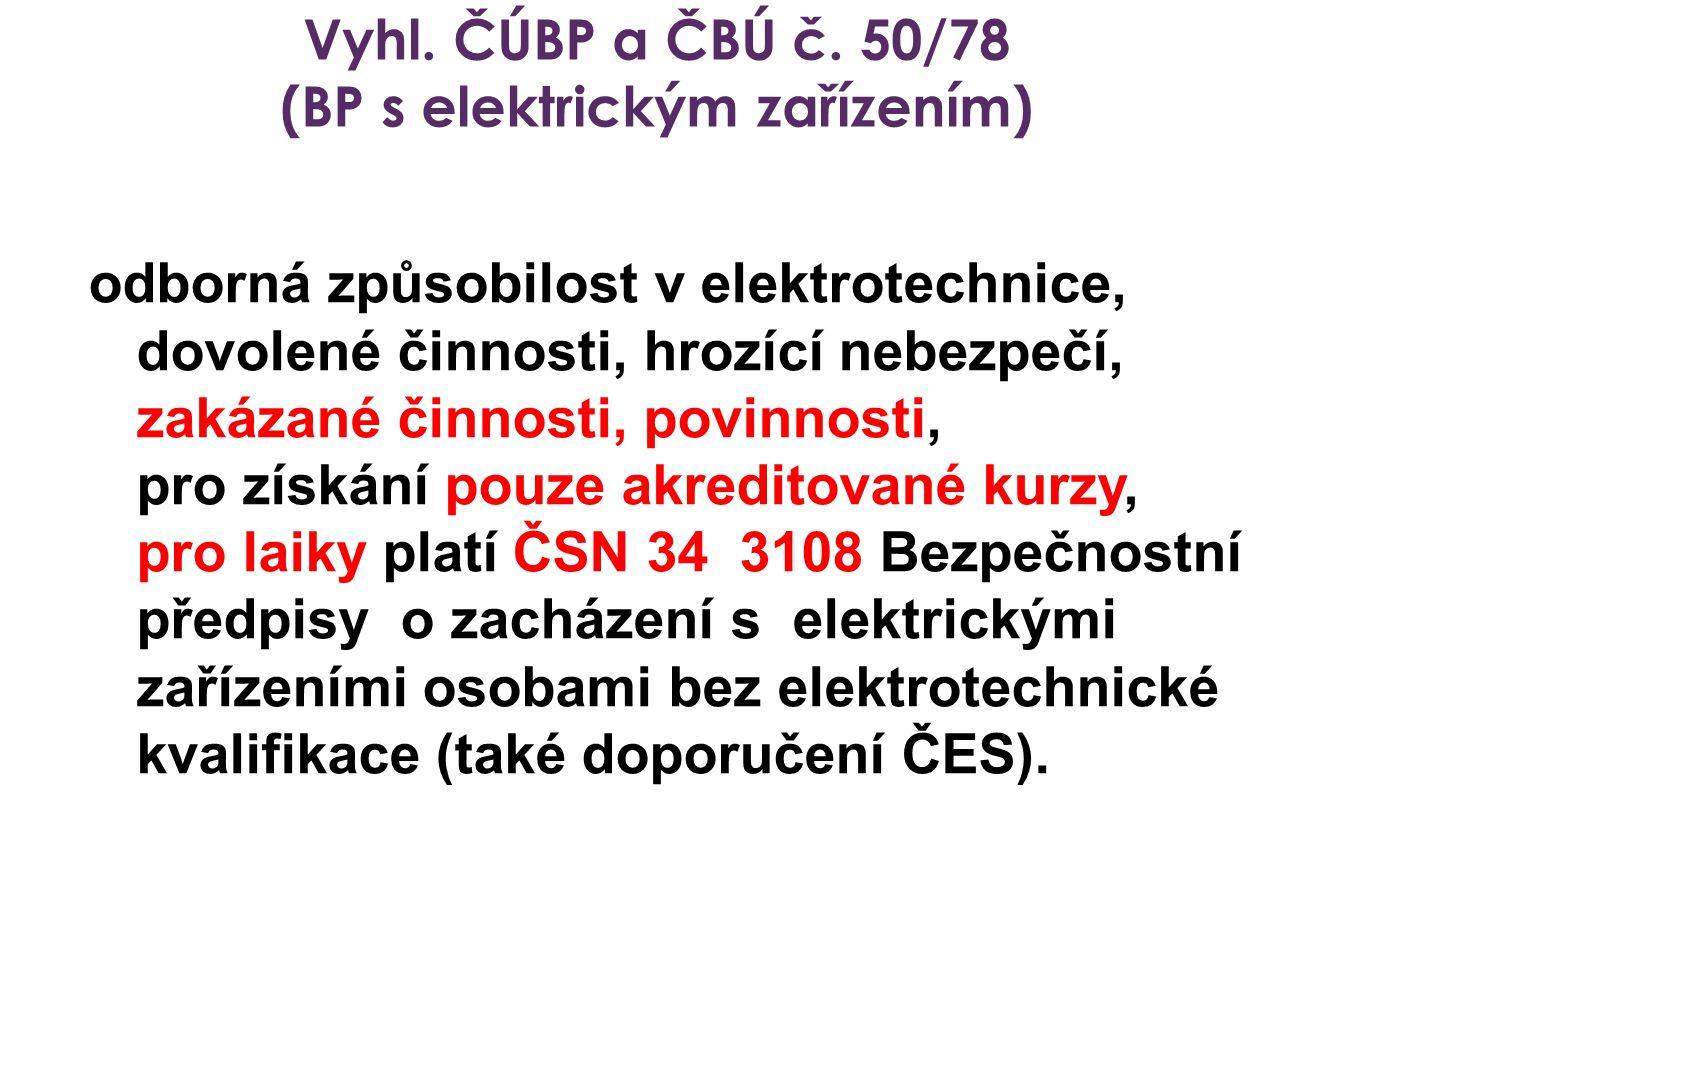 Vyhl. ČÚBP a ČBÚ č. 50/78 (BP s elektrickým zařízením) odborná způsobilost v elektrotechnice, dovolené činnosti, hrozící nebezpečí, zakázané činnosti,